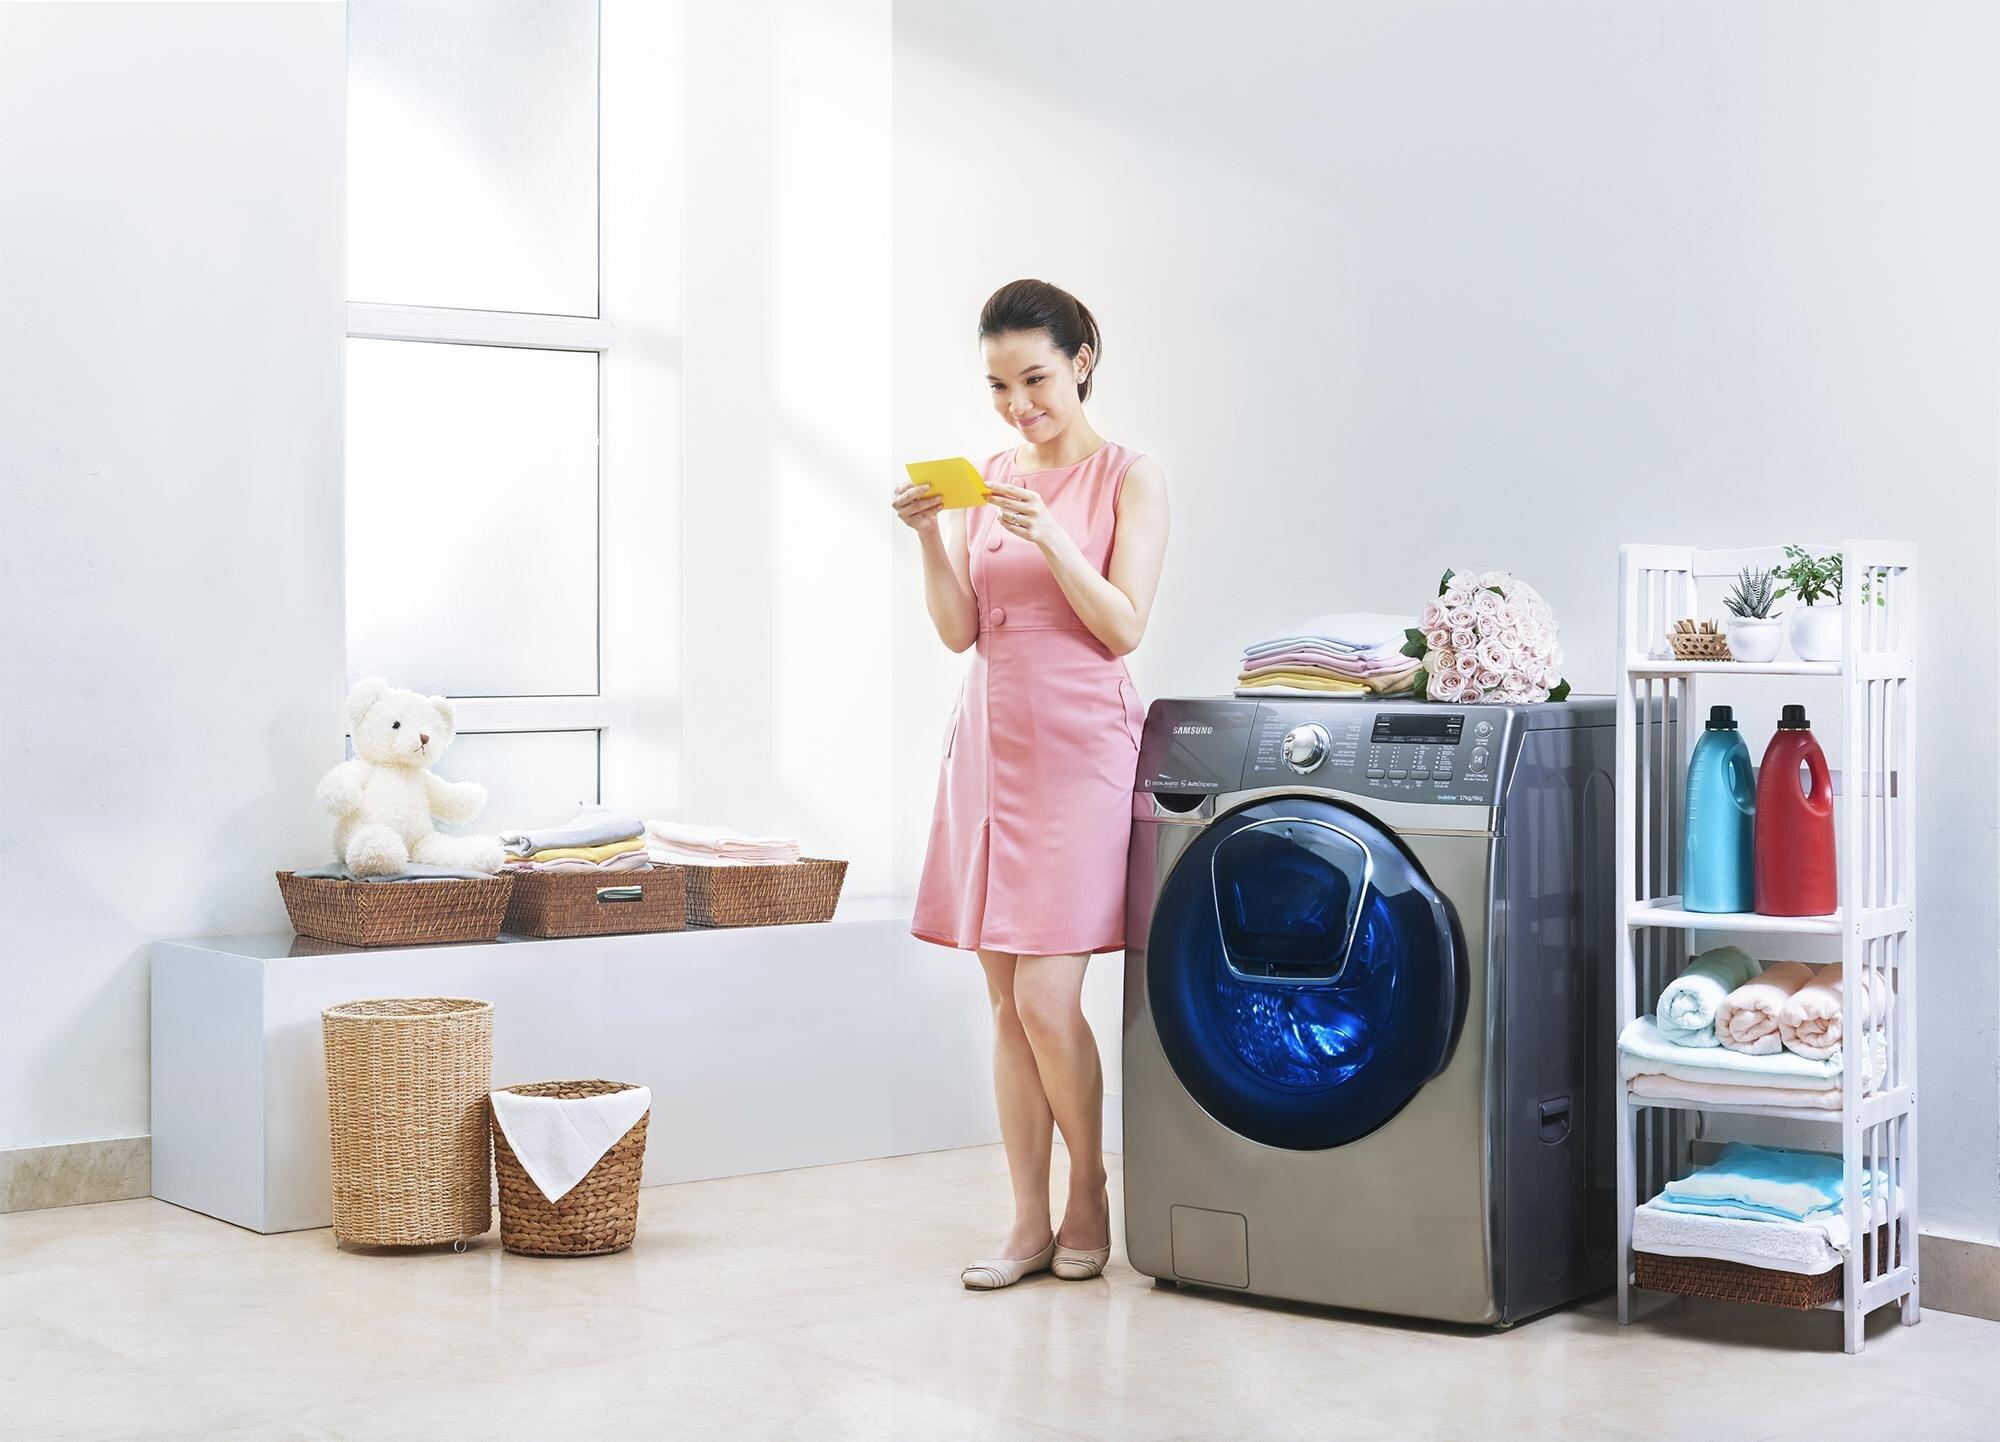 Hầu hết các sản phẩm máy giặt cửa ngang Samsung đều có cửa thêm đồ trong quá trình hoạt động